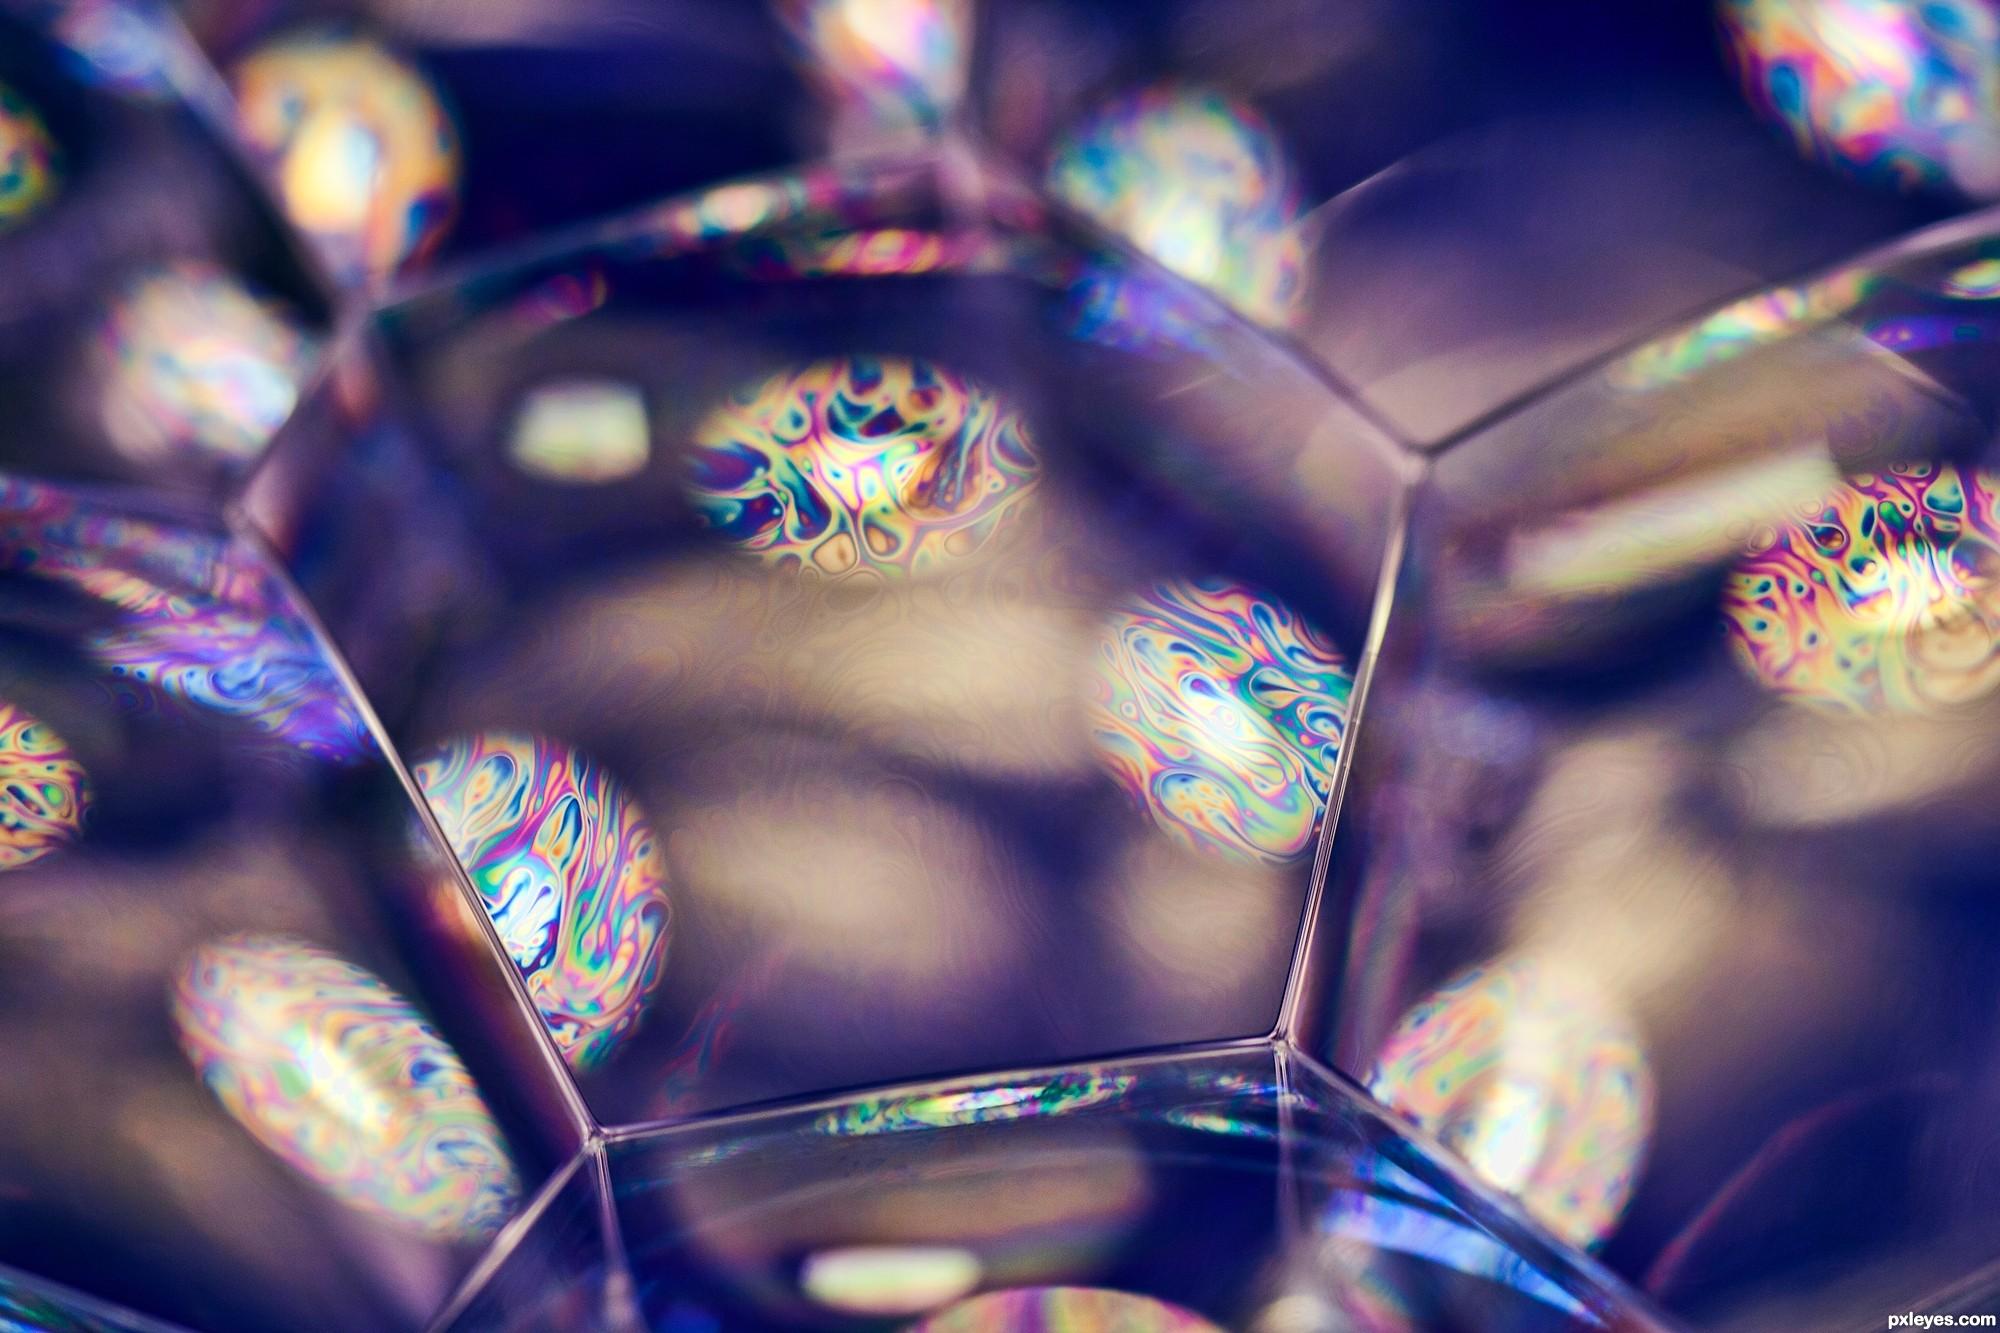 close-up-of-bubbles-4f1327af14a79_hires[1]